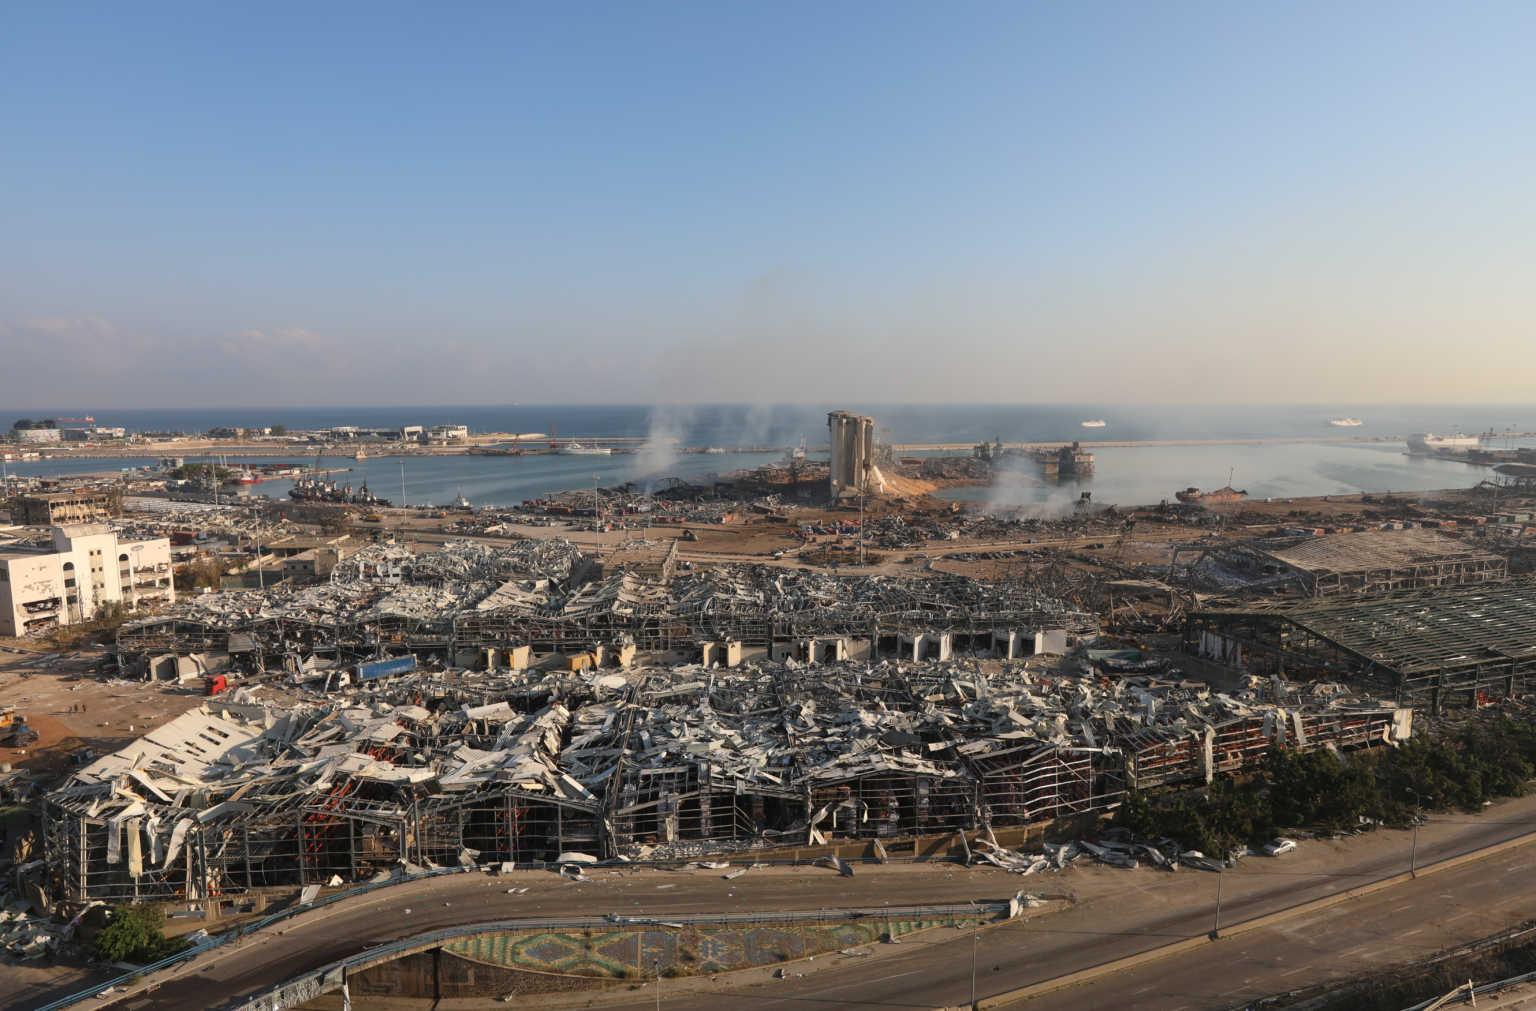 Βηρυτός: Δεν σταματούν να ξεθάβουν πτώματα! (photos)